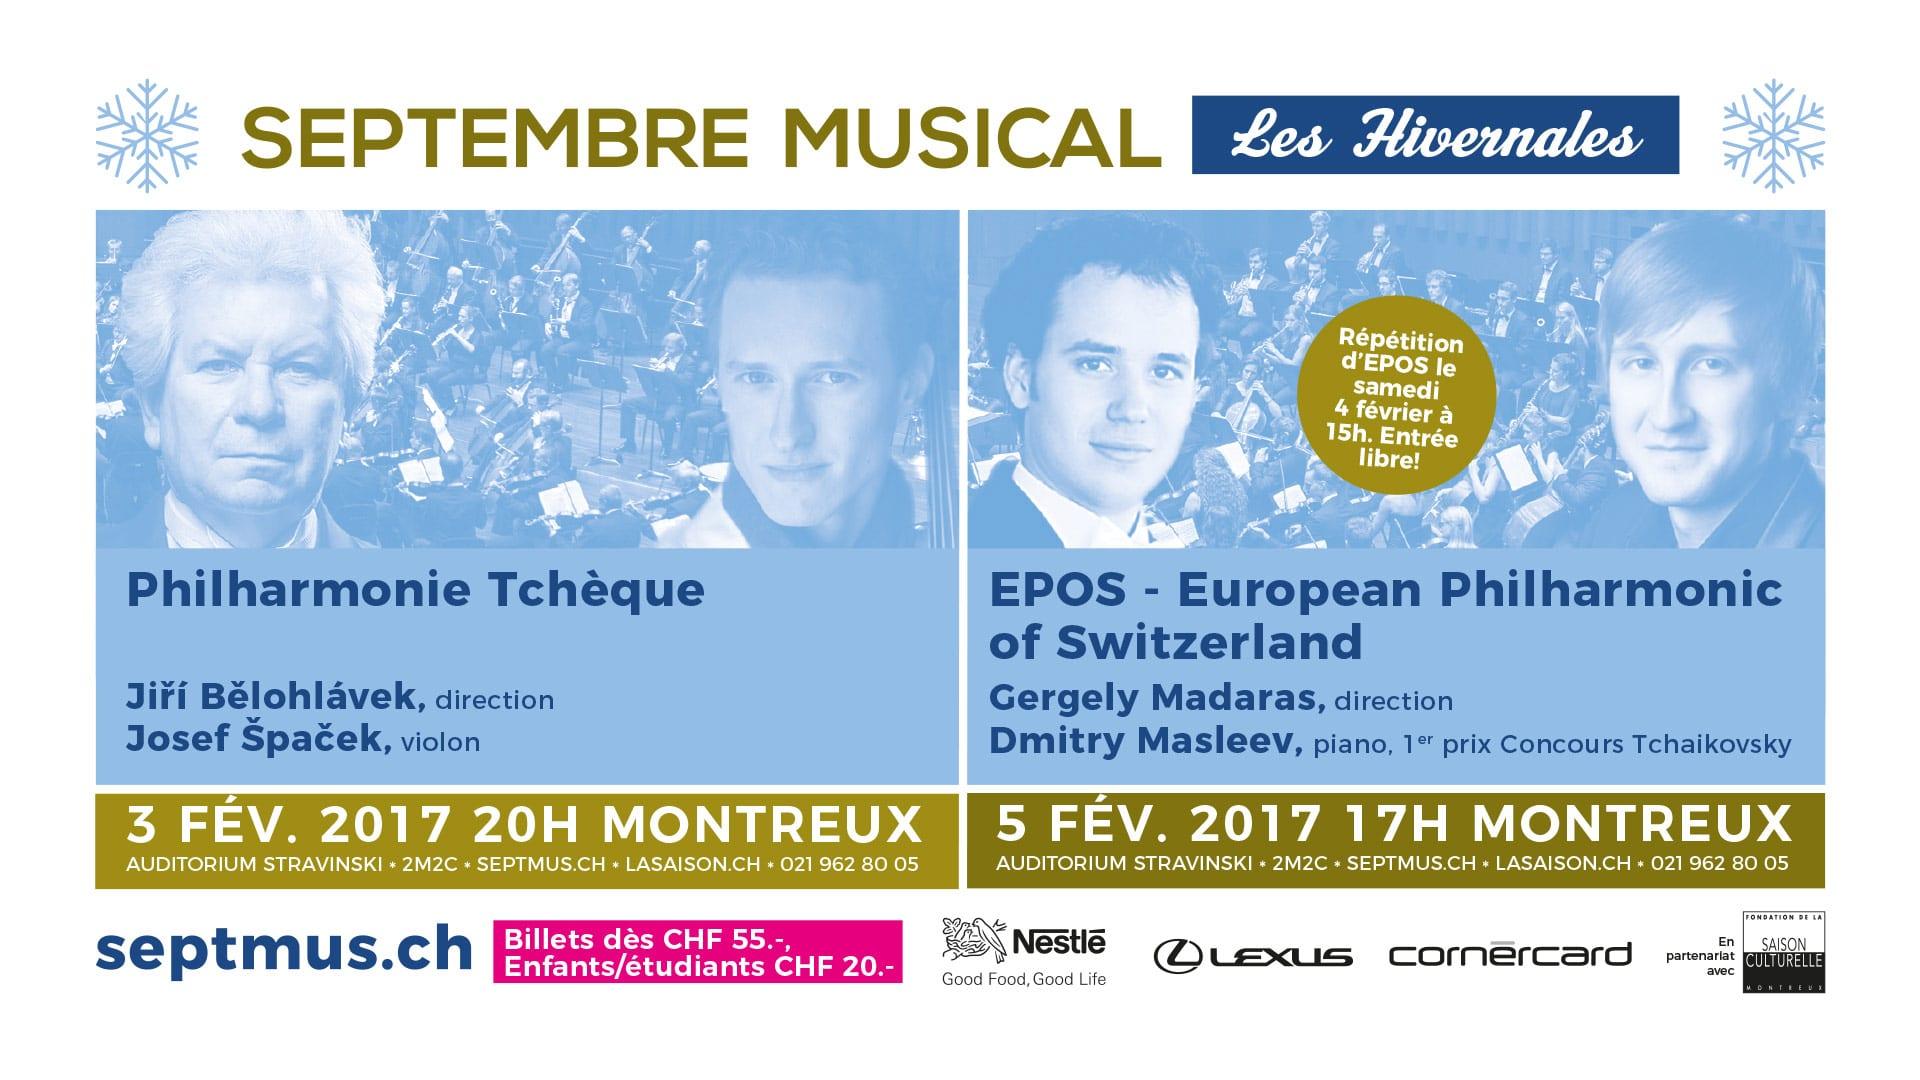 Septembre Musical - Les Hivernales - dia cinéma